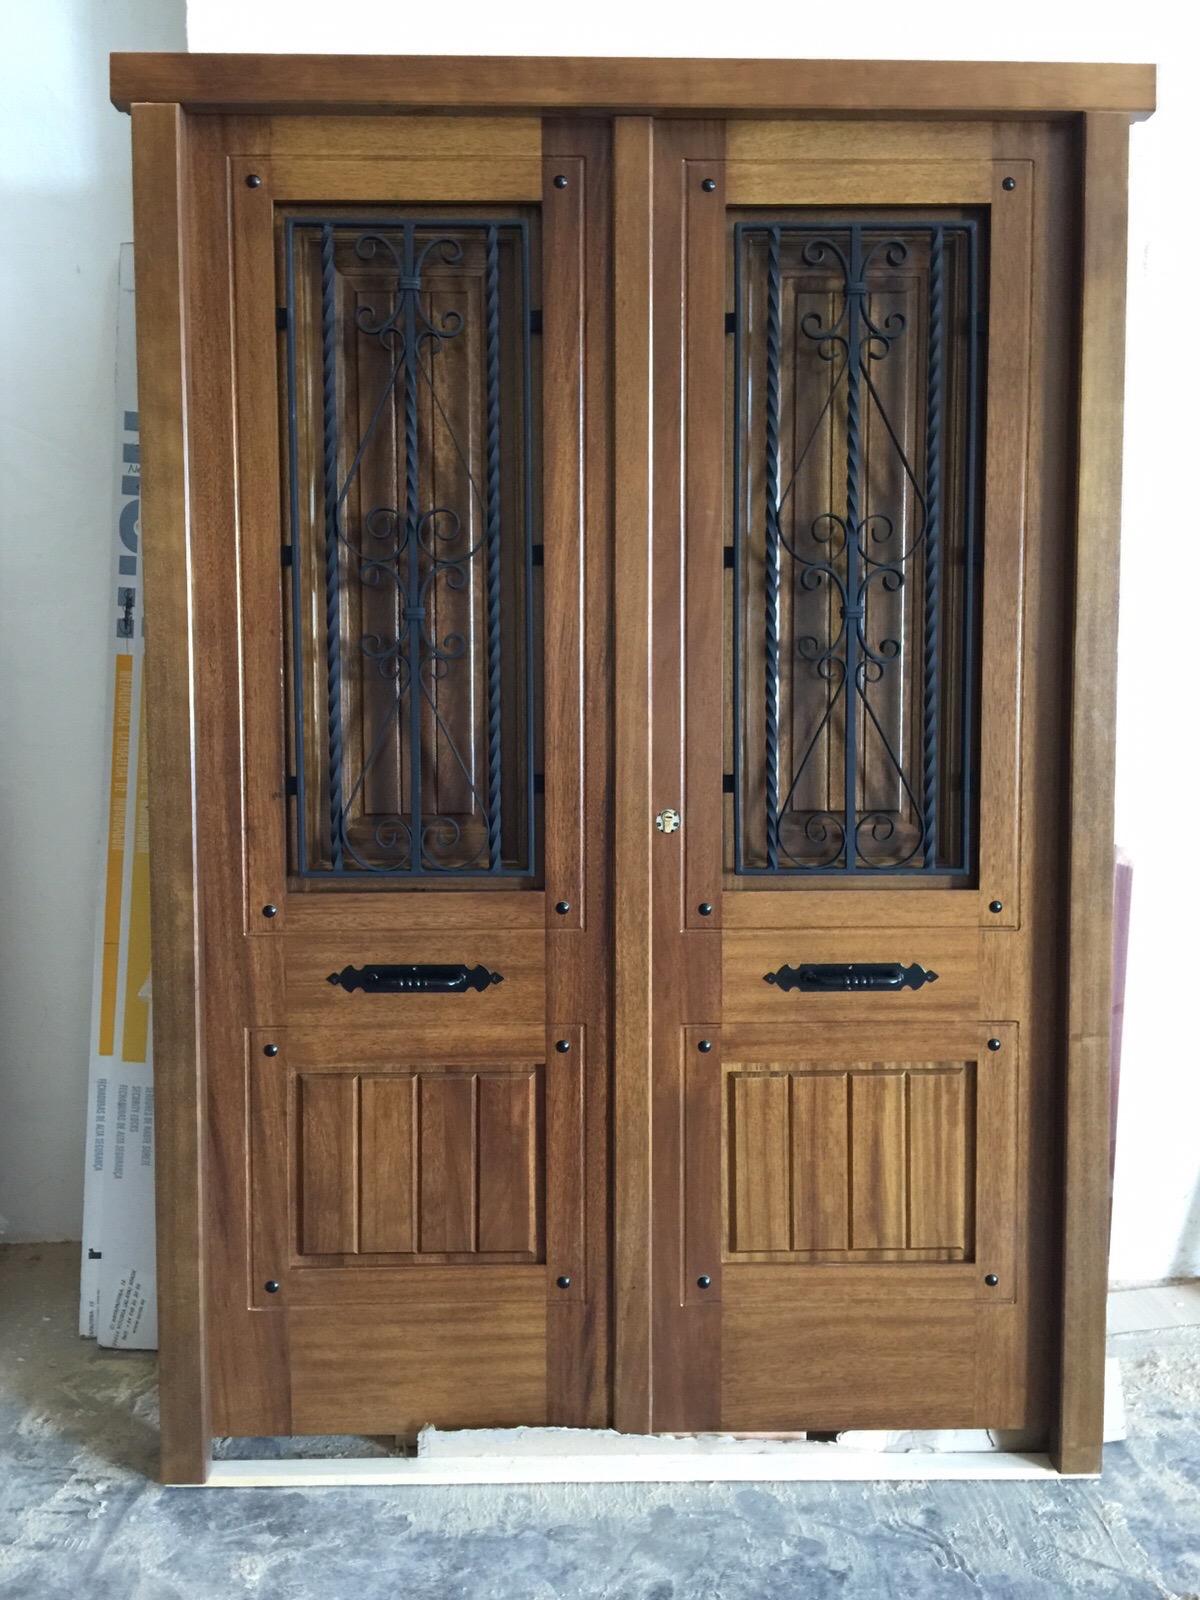 Puertas en valera de abajo best puerta moderna con incrustacin en aluminio with puertas en - Puertas valera de abajo ...